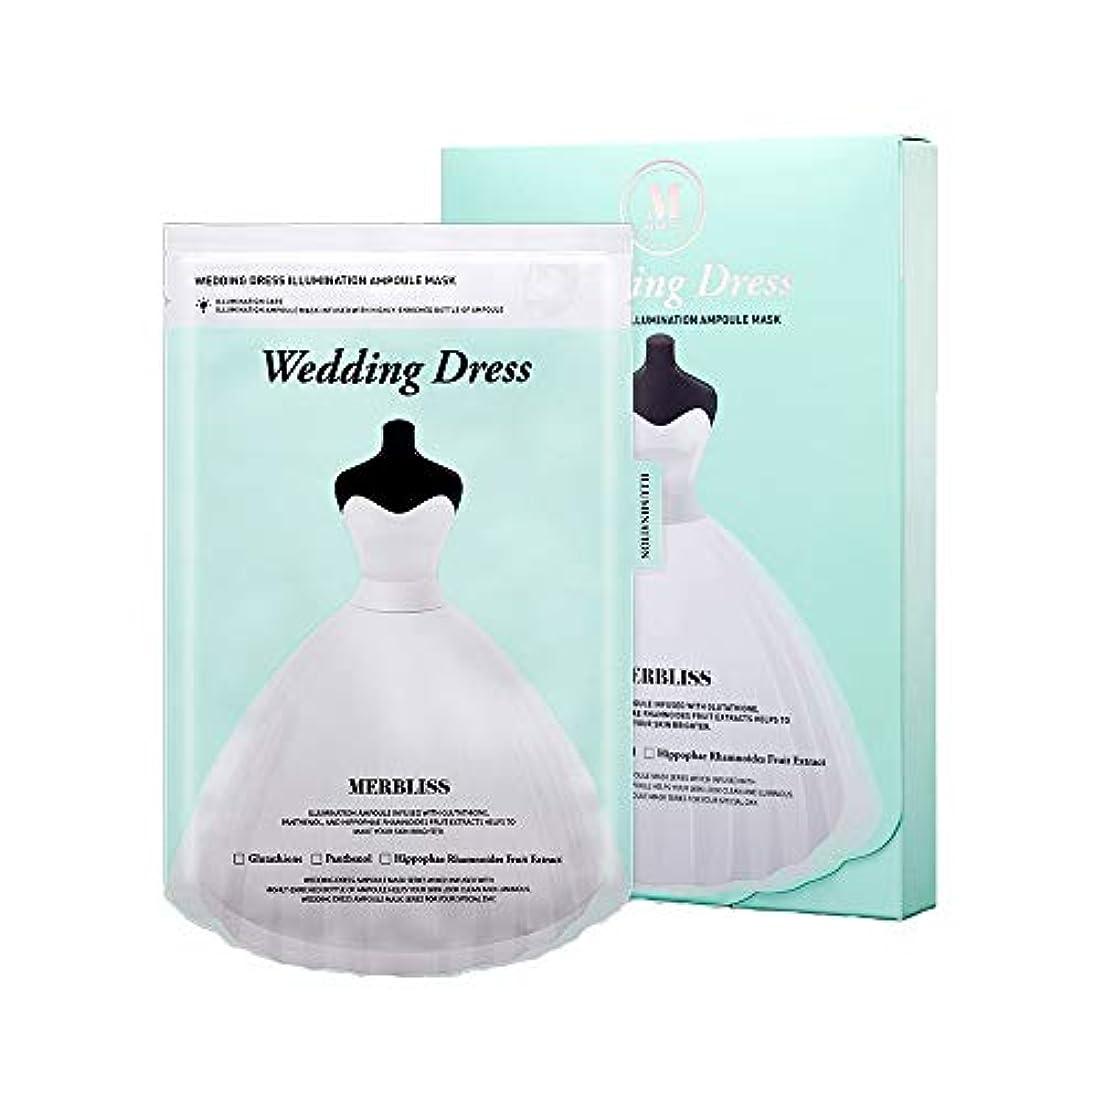 締める後退するひいきにするMERBLISS(モルブリス) ウェディングドレス イルミネーションマスク 5枚入り 徹底透明感タイプ